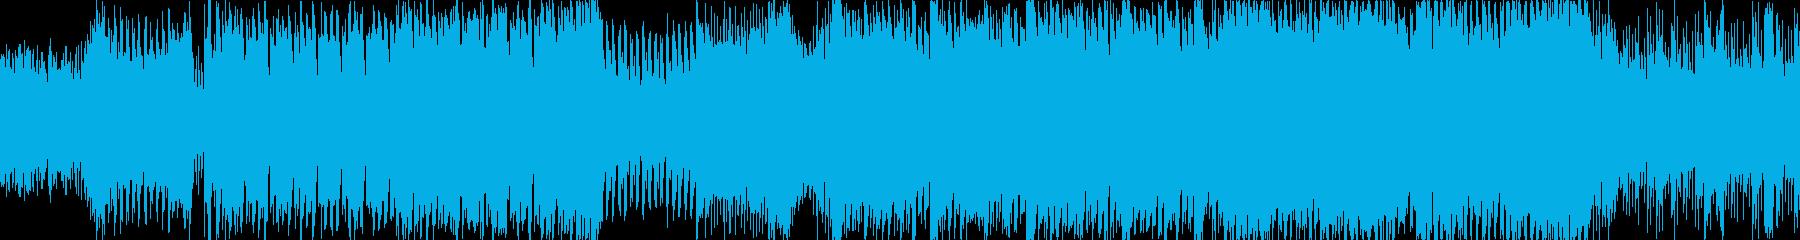 疾走感のあるSTG系テクノの再生済みの波形